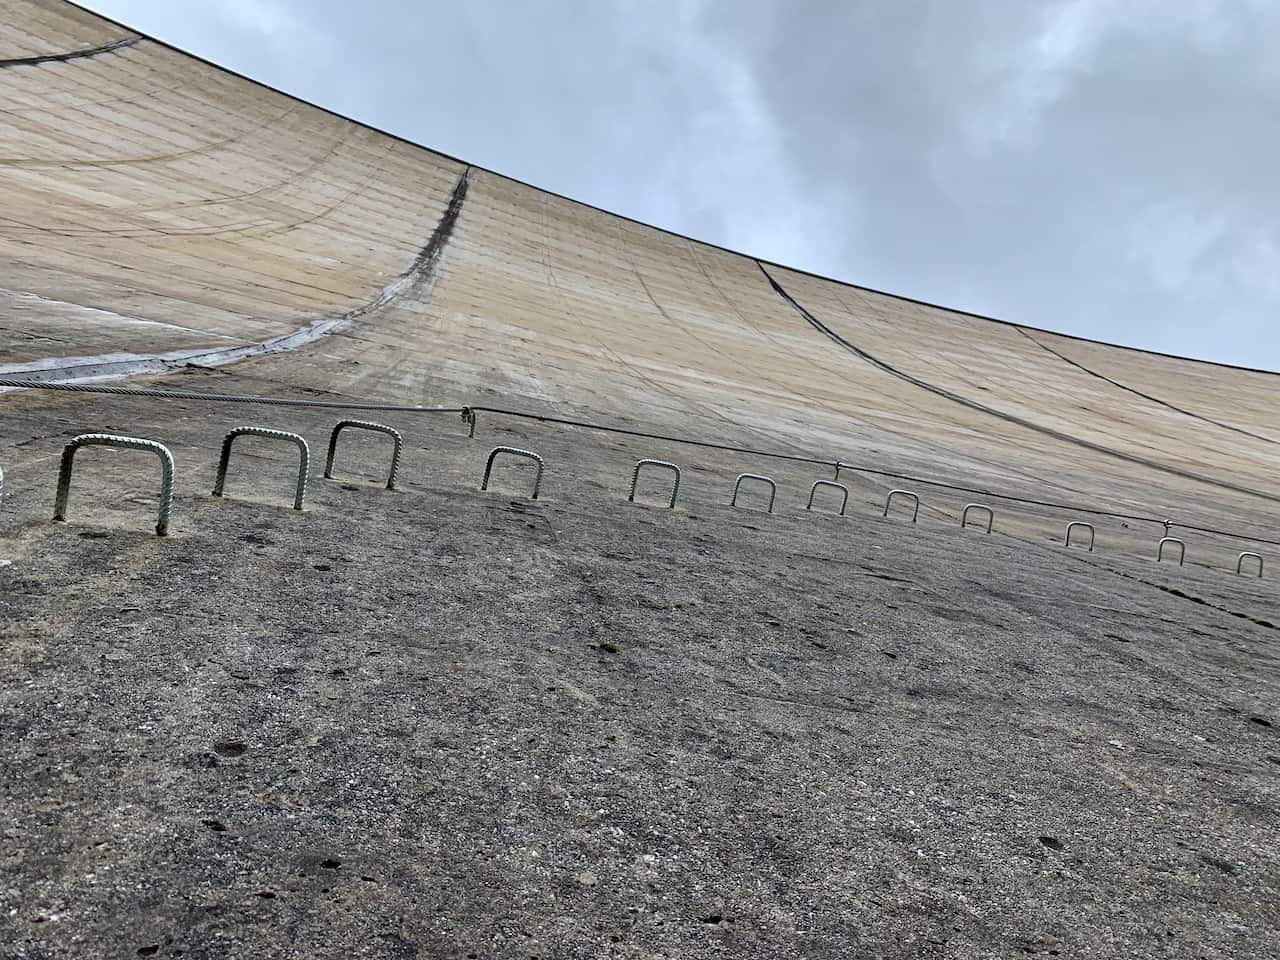 Schlegeis Klettersteig Via Ferrata Route